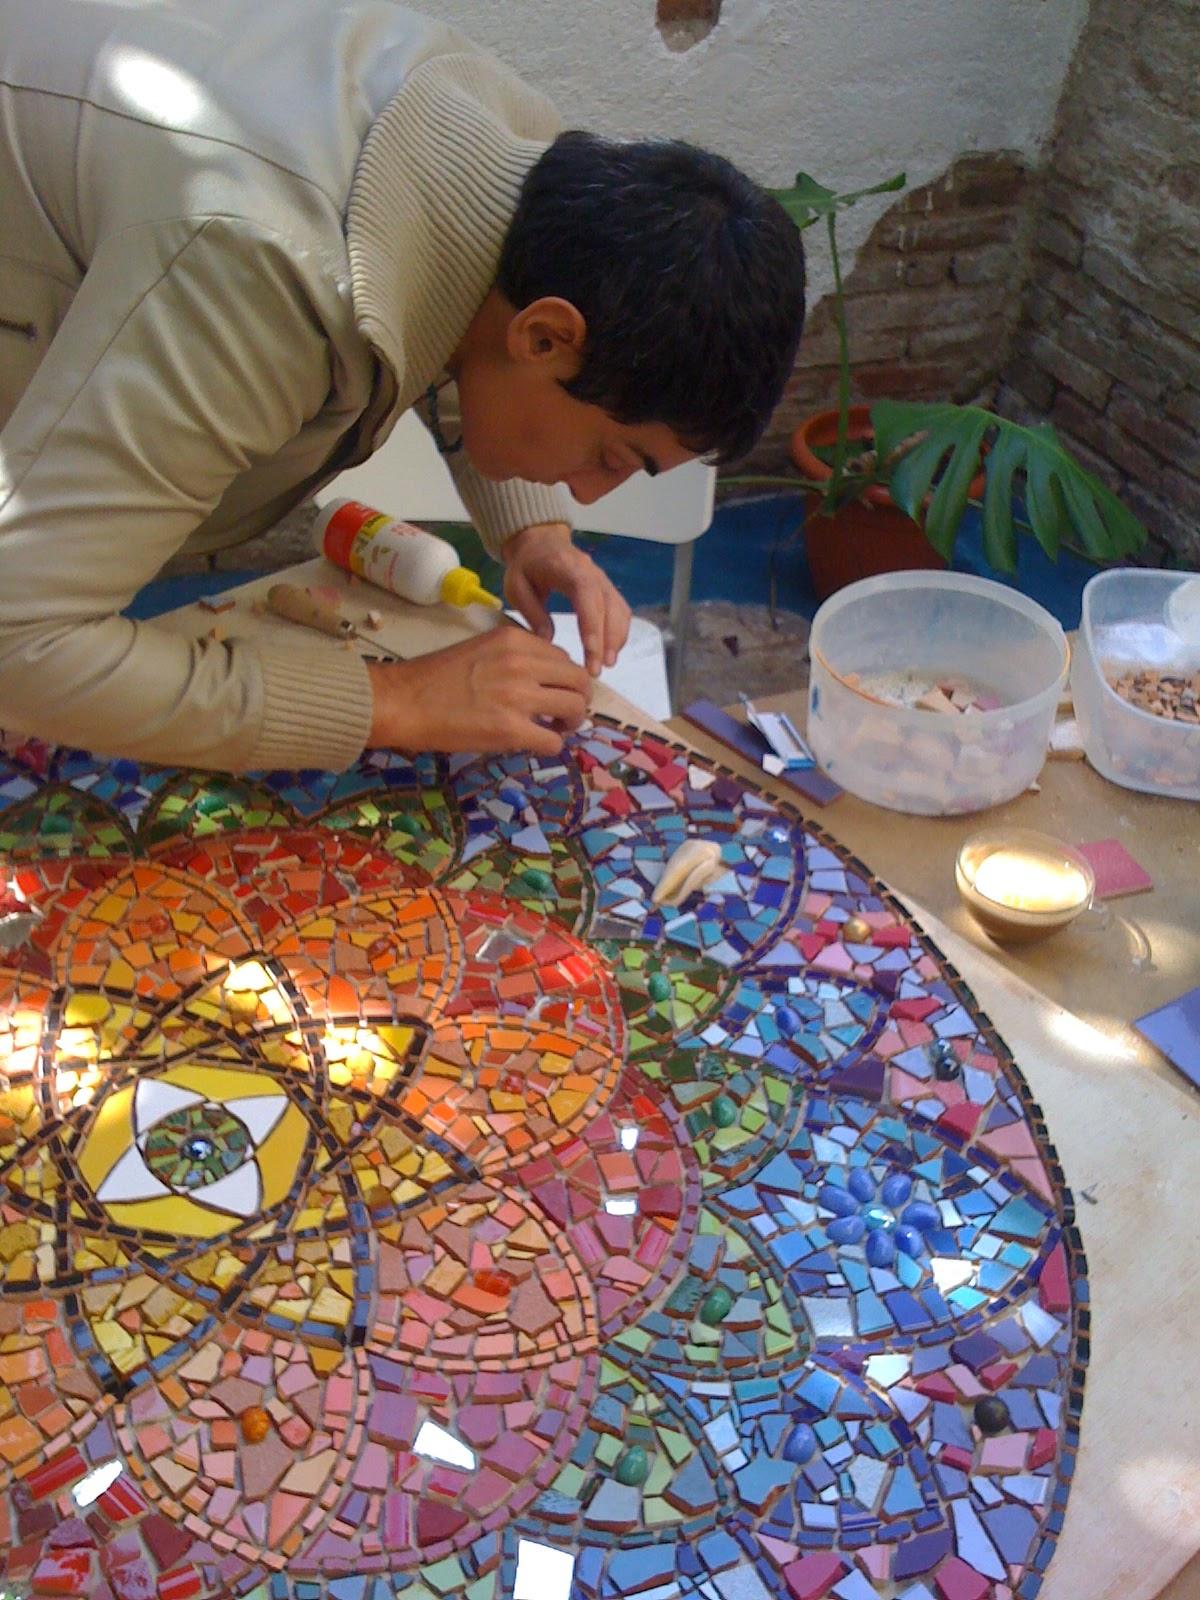 Raisumosaicos nuestros mosaicos - Mosaico de colores ...